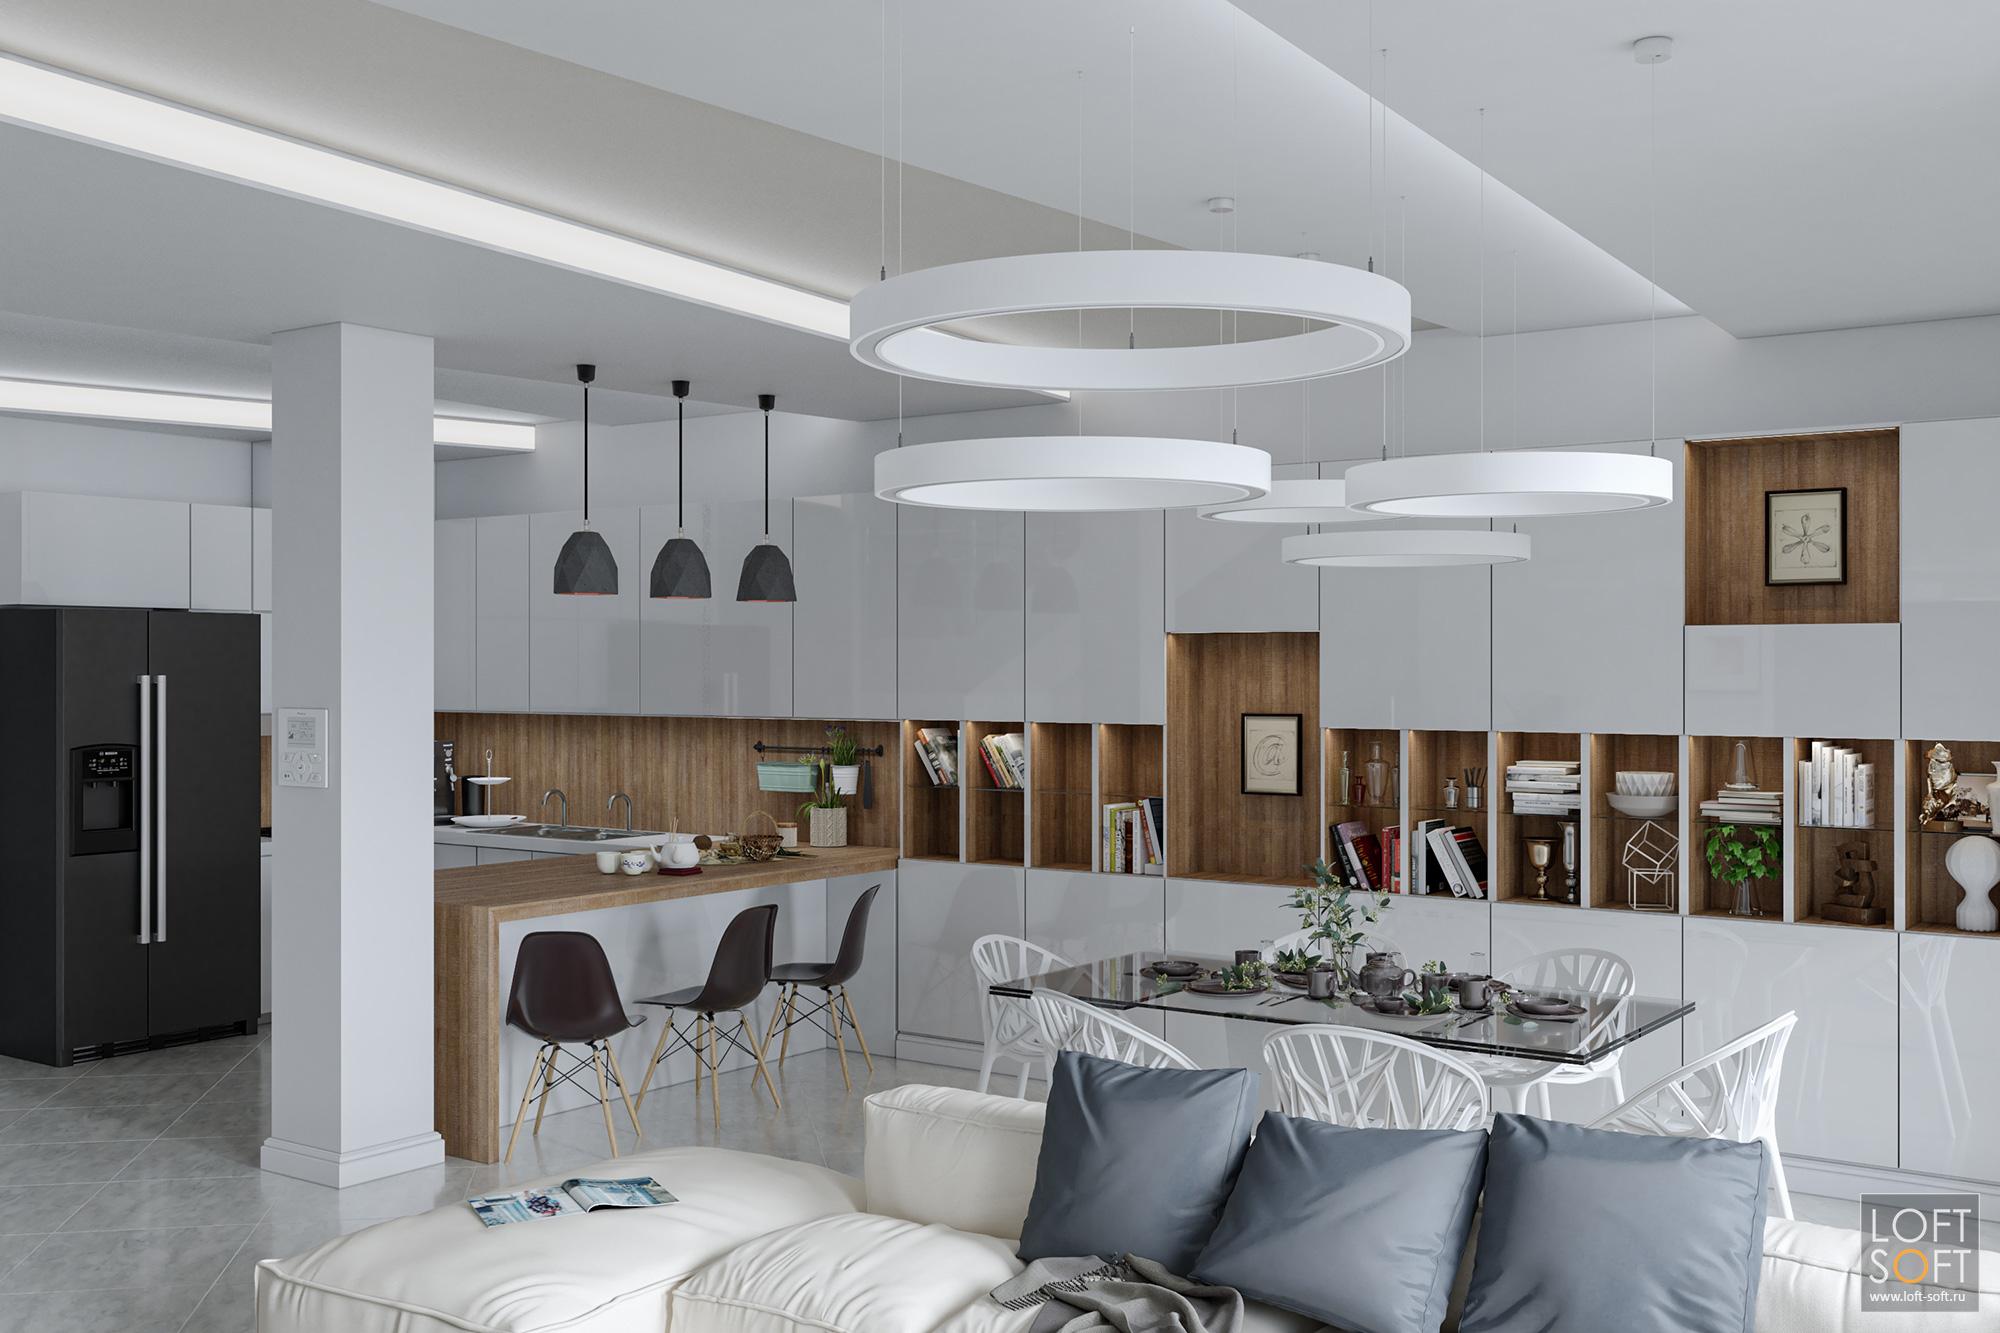 Дизайн современного таунхауса. Светлый интерьер гостиной.